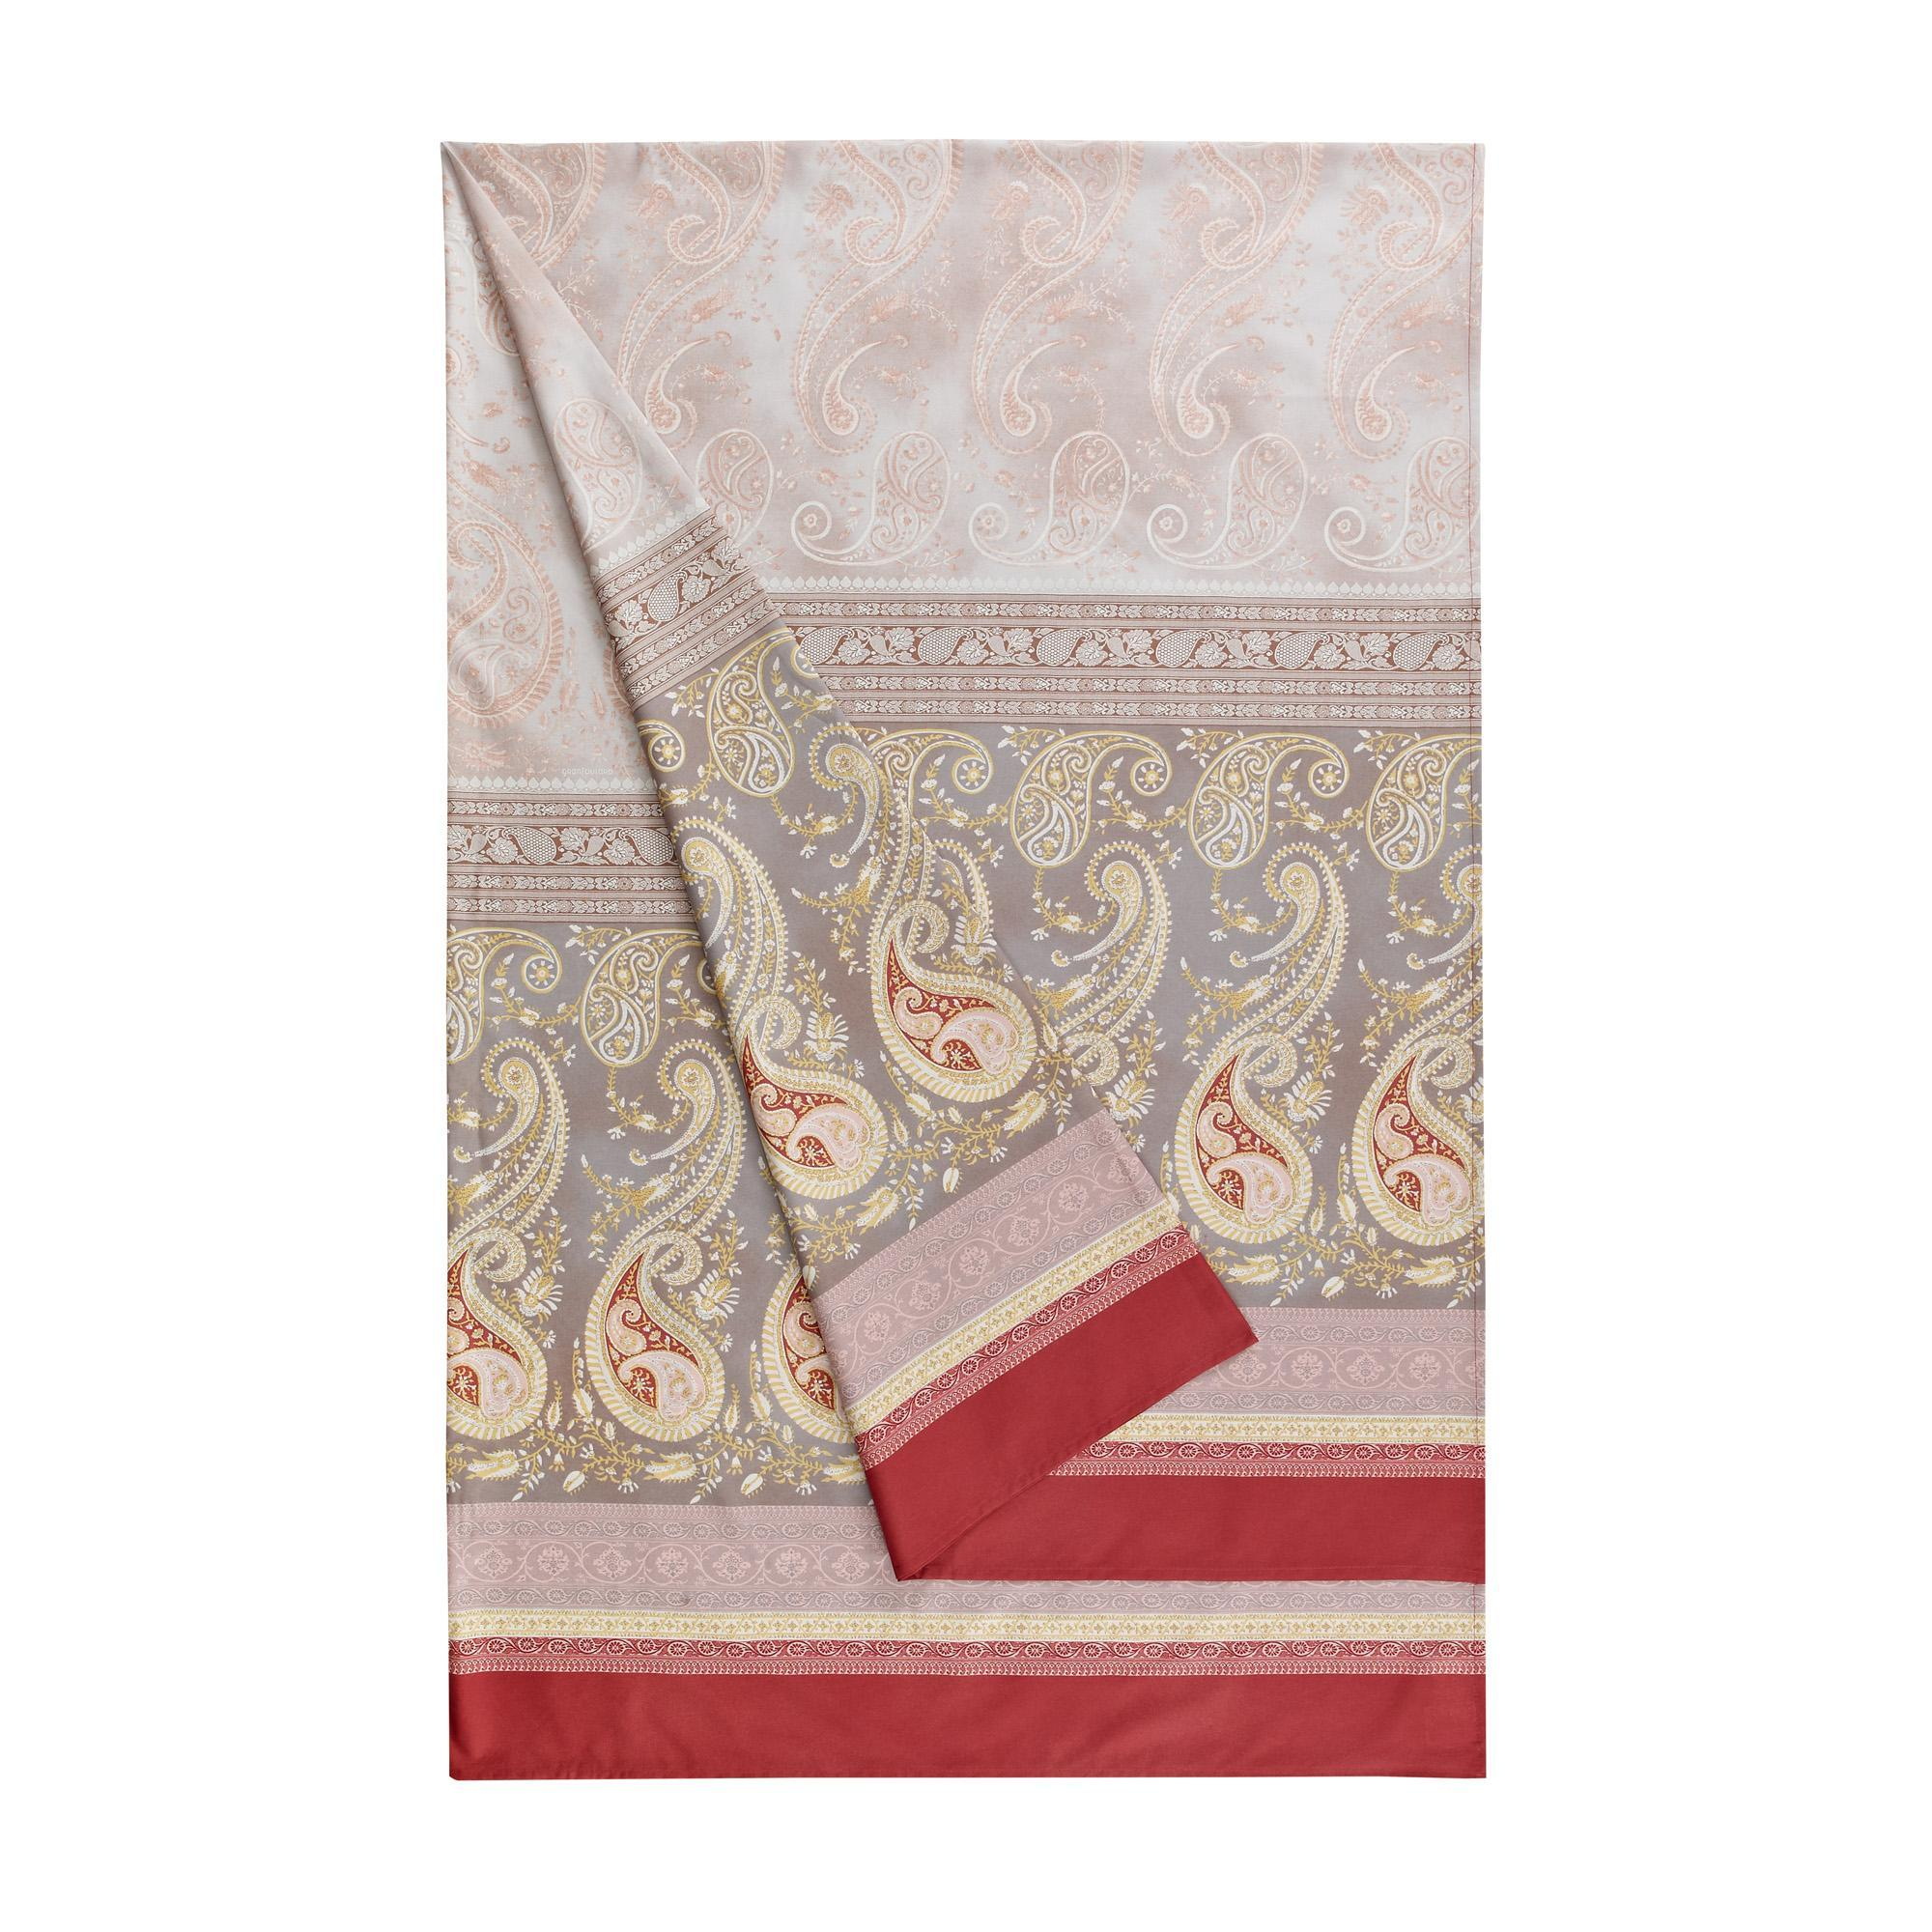 Foulard Per Divani Bassetti.Dettagli Su Bassetti Granfoulard Telo Arredo Scauri V 6 Puro Cotone 350x270 Cm